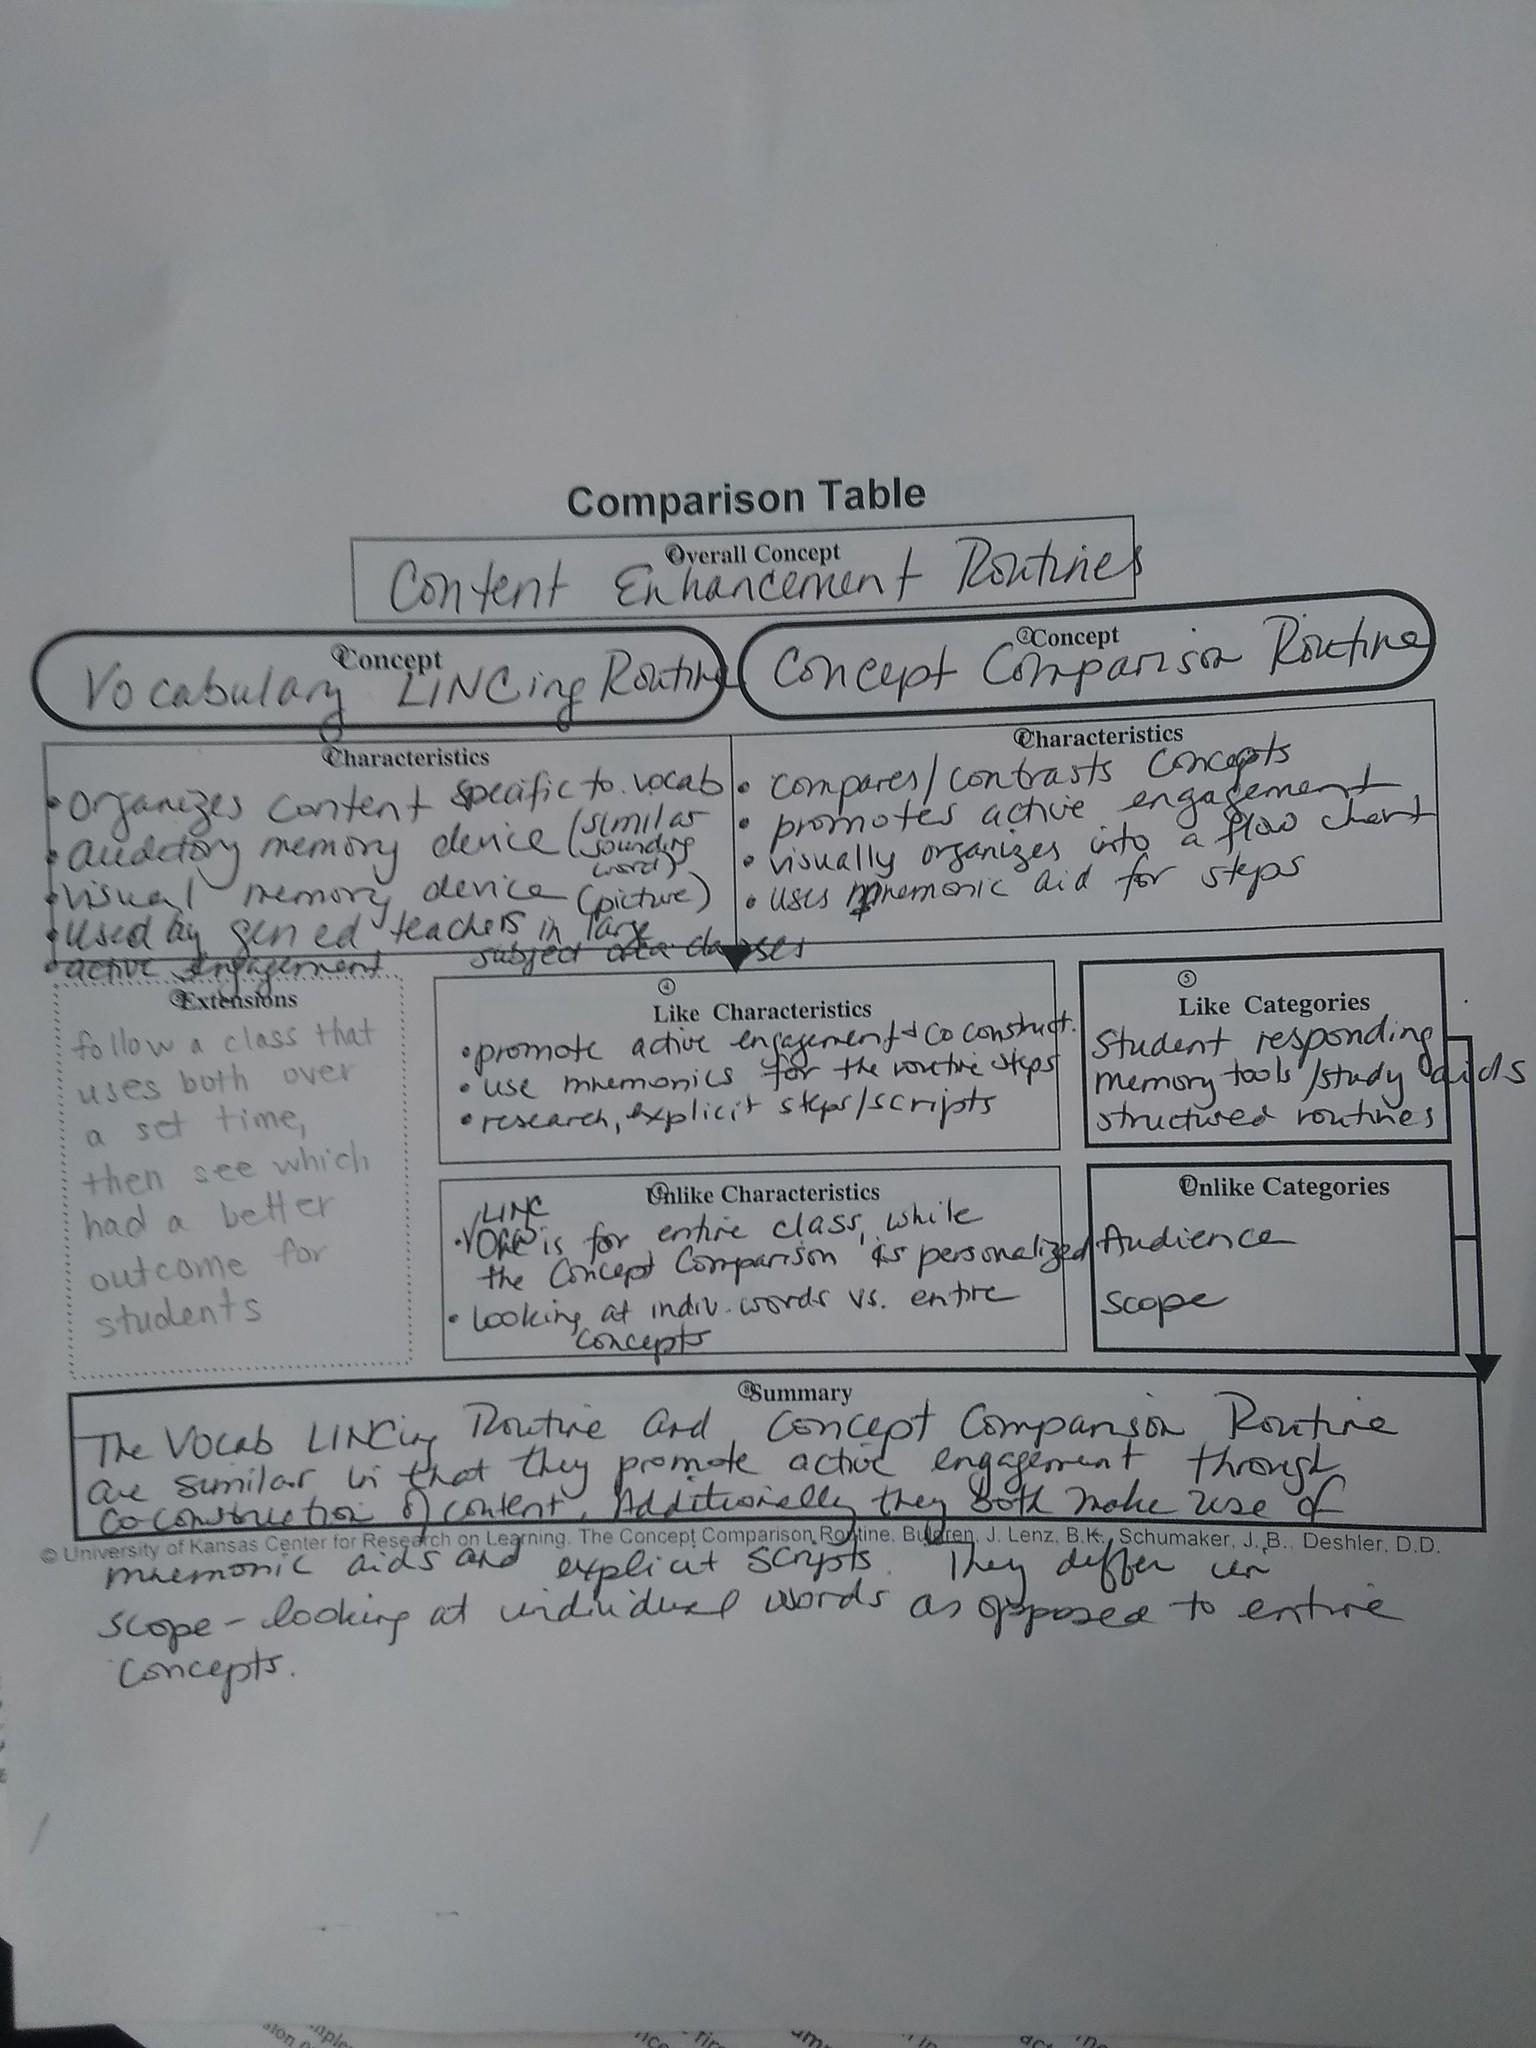 Full concept comparison map  content enhancement routines